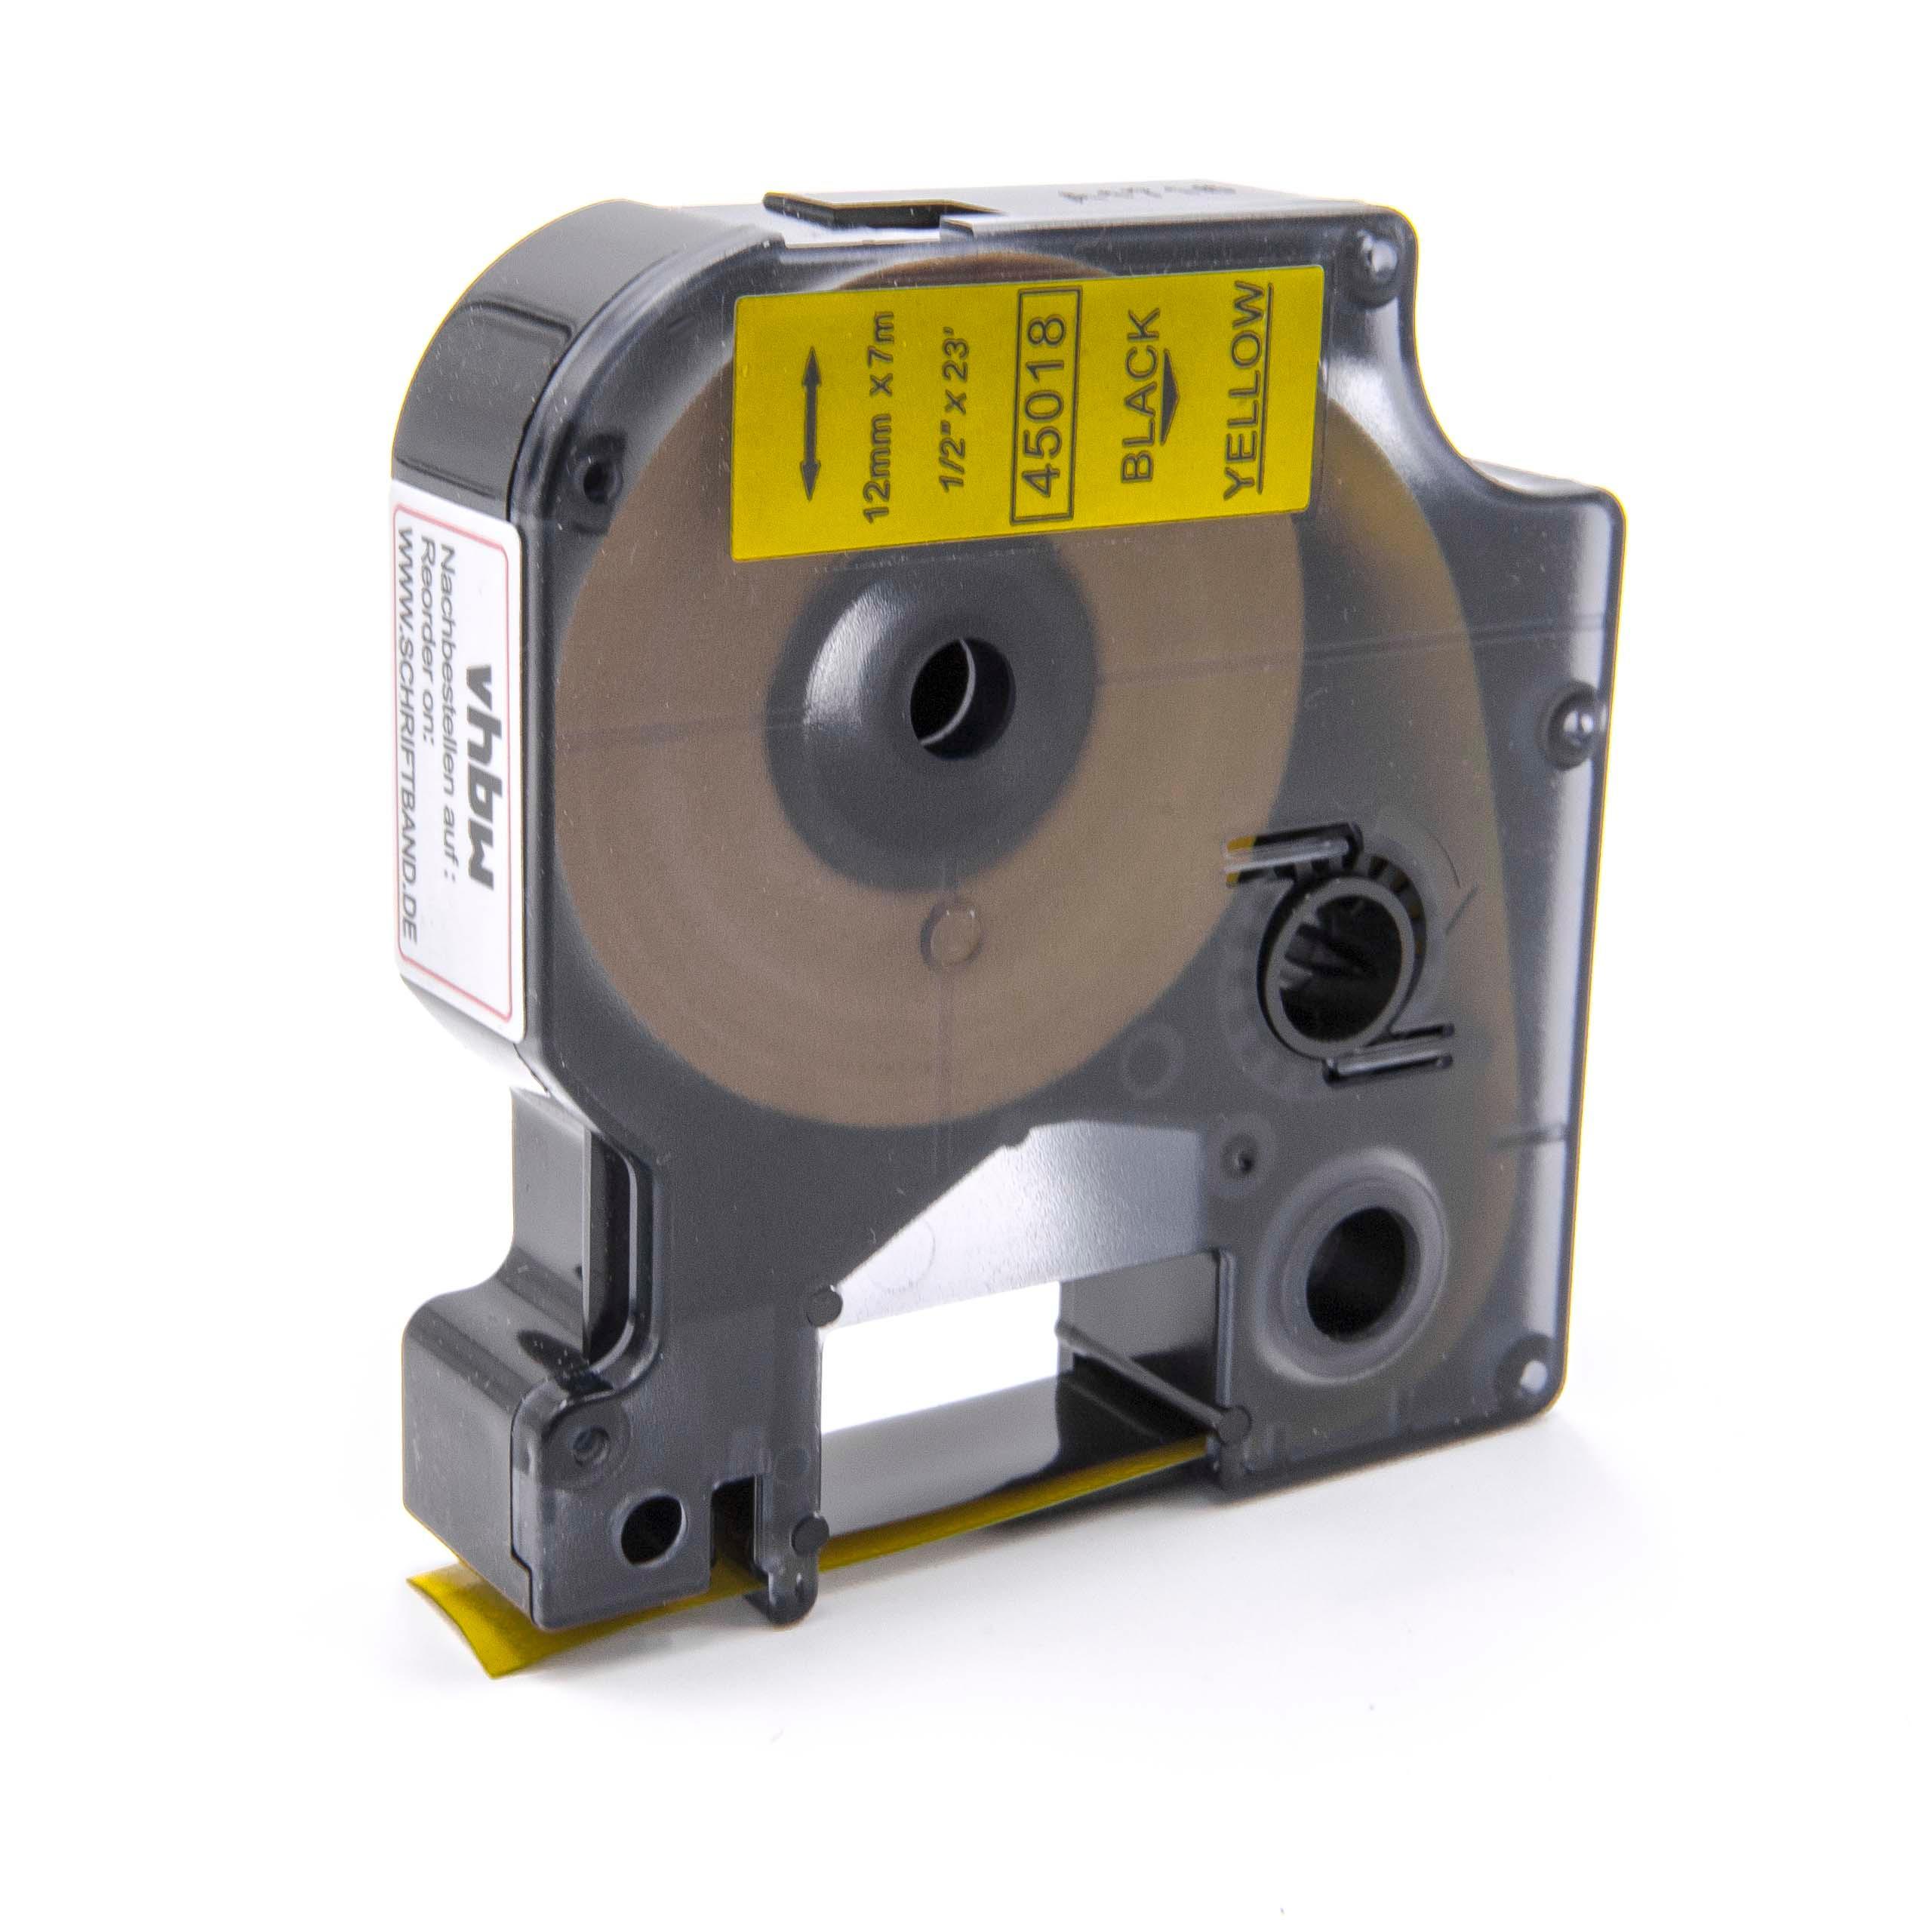 3 Cassette Compatibile con Dymo D1 40913 Nastro Etichette,Nero su Bianco per LabelManager LabelPoint LabelWriter 160 210D 260P 280 Label Manager 360D 420P Rhino 4200 5200 9mm x 7m